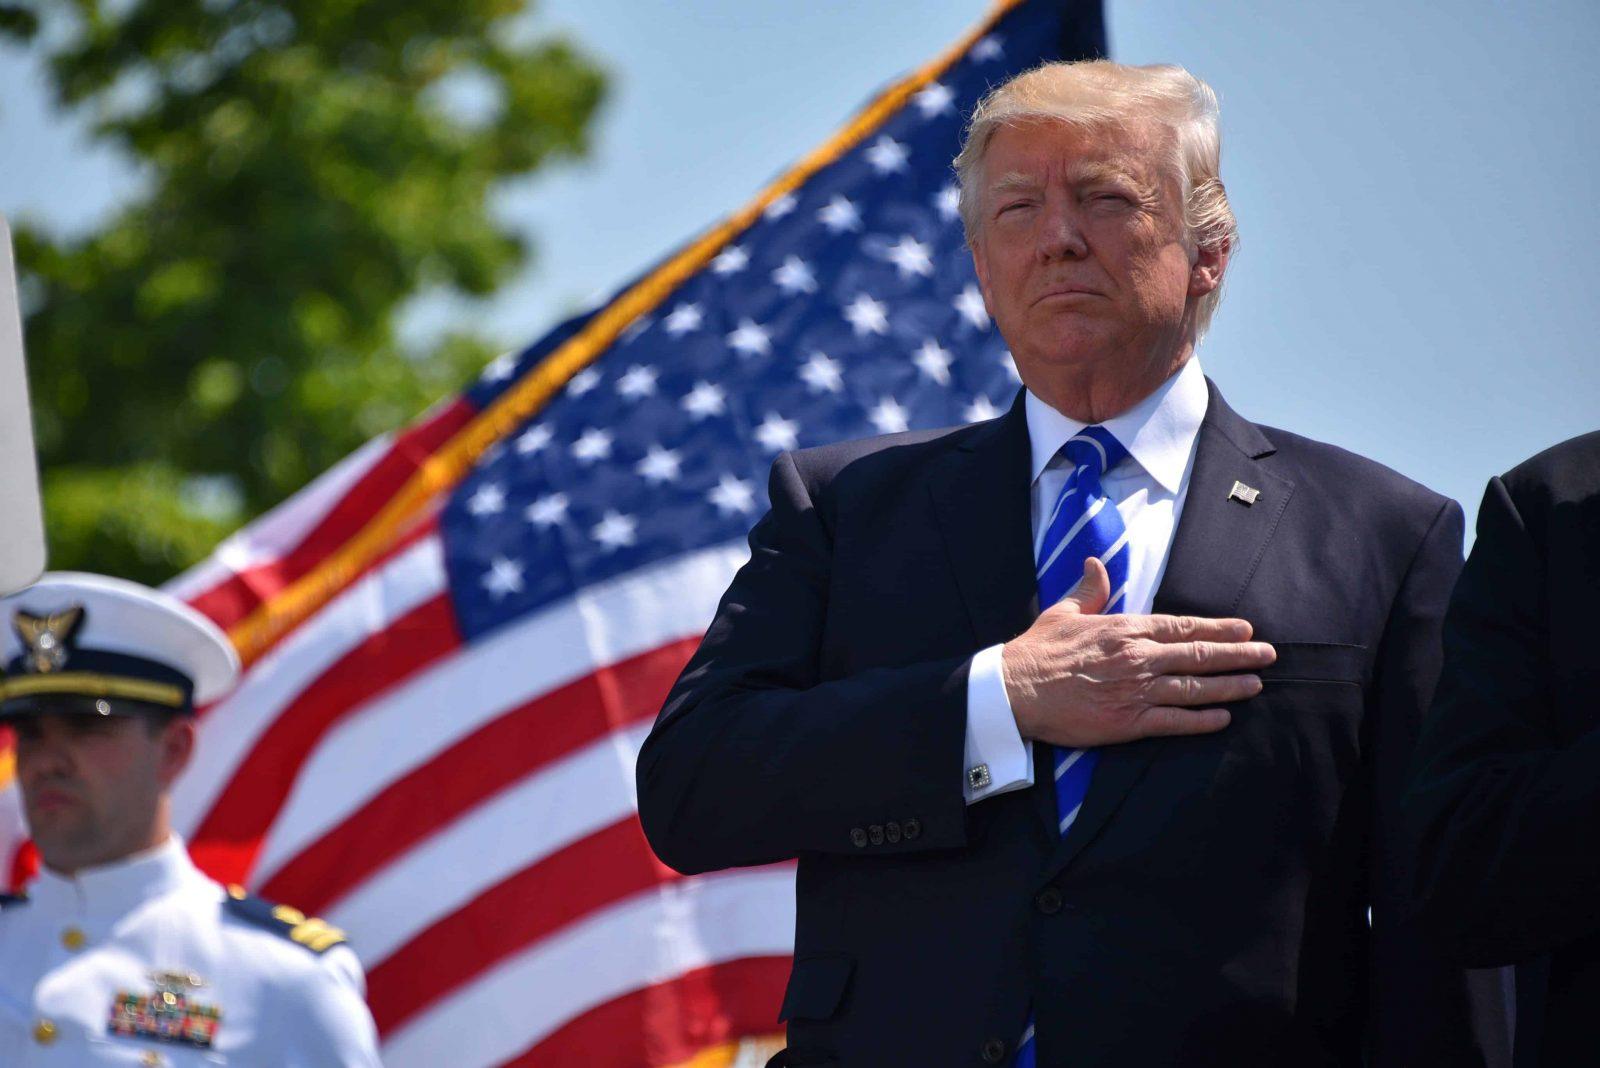 Trump en baisse dans les sondages : l'inquiétude des Américains sur les perspectives économiques